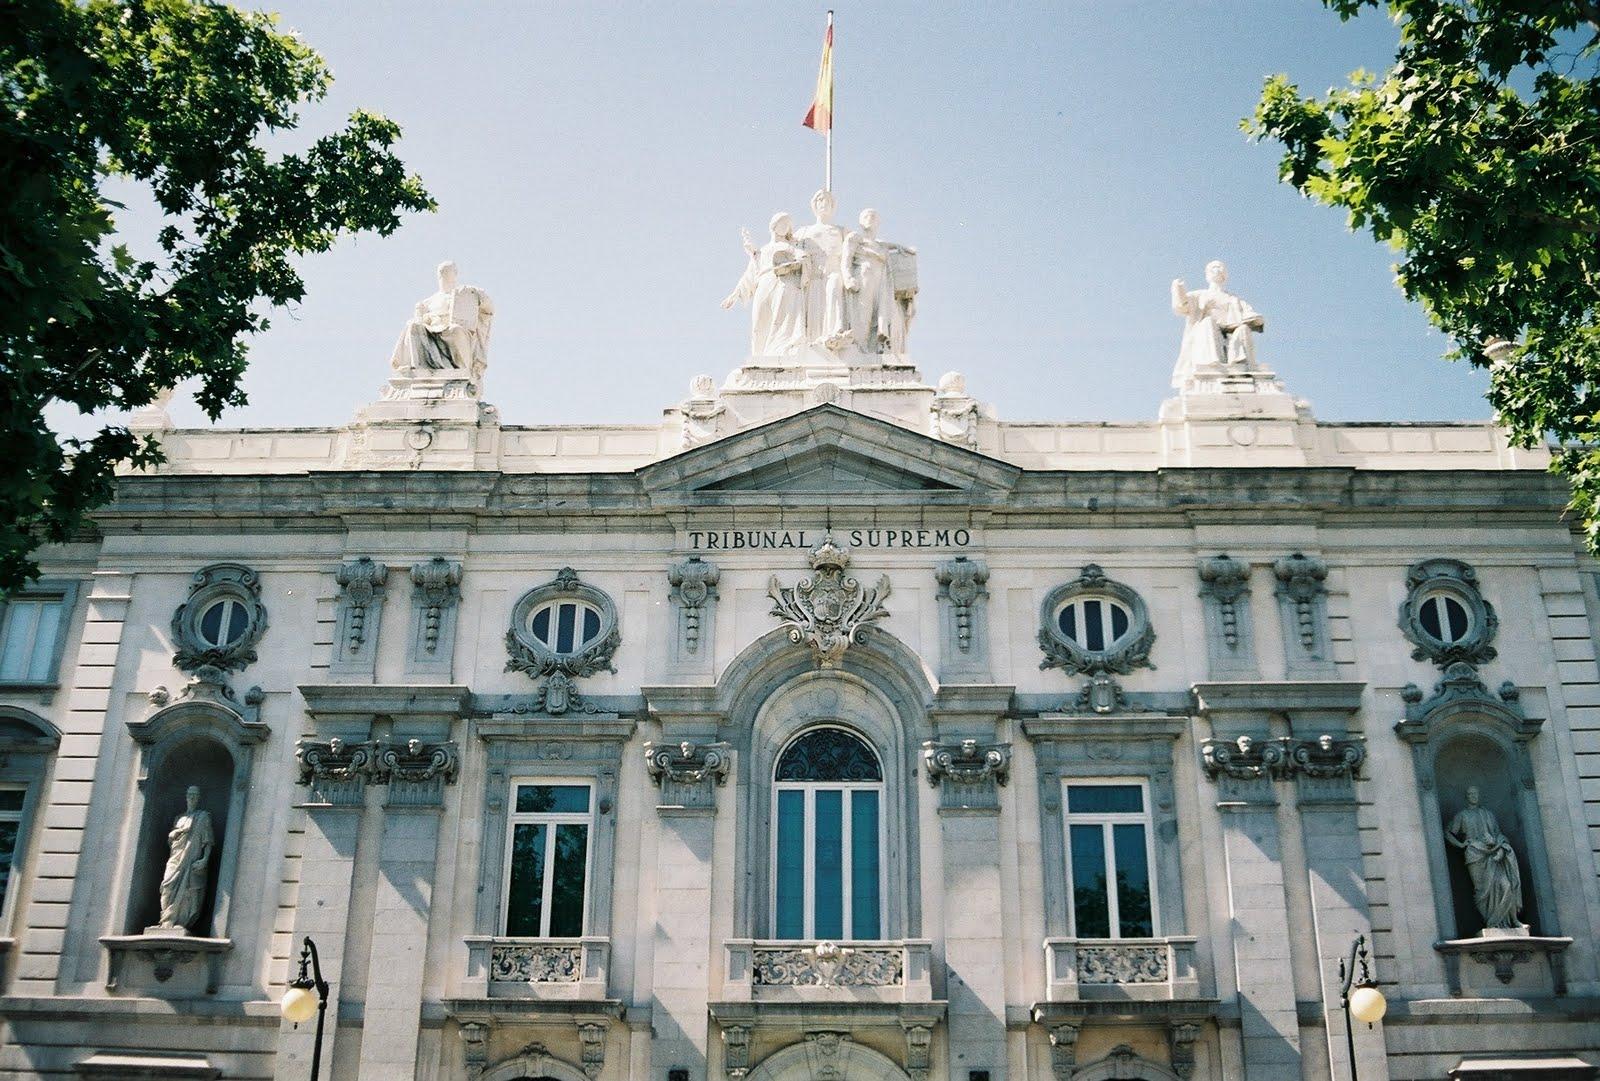 Tribunal Supremo fachada edificio